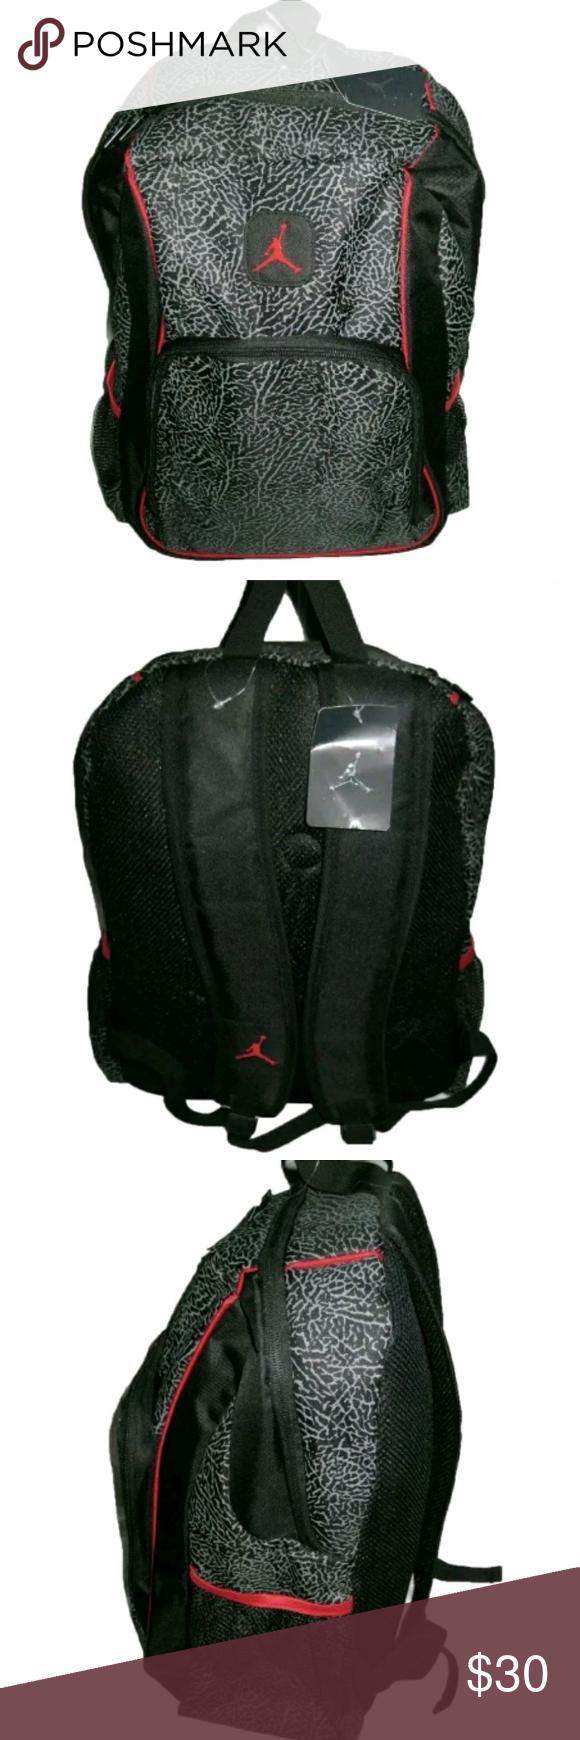 e55d70de9a Micheal Jordan Elephant Print Backpack Book Bag Micheal Jordan Red And  Black Elephant Print Backpack Book Bag Jordan Bags Backpacks